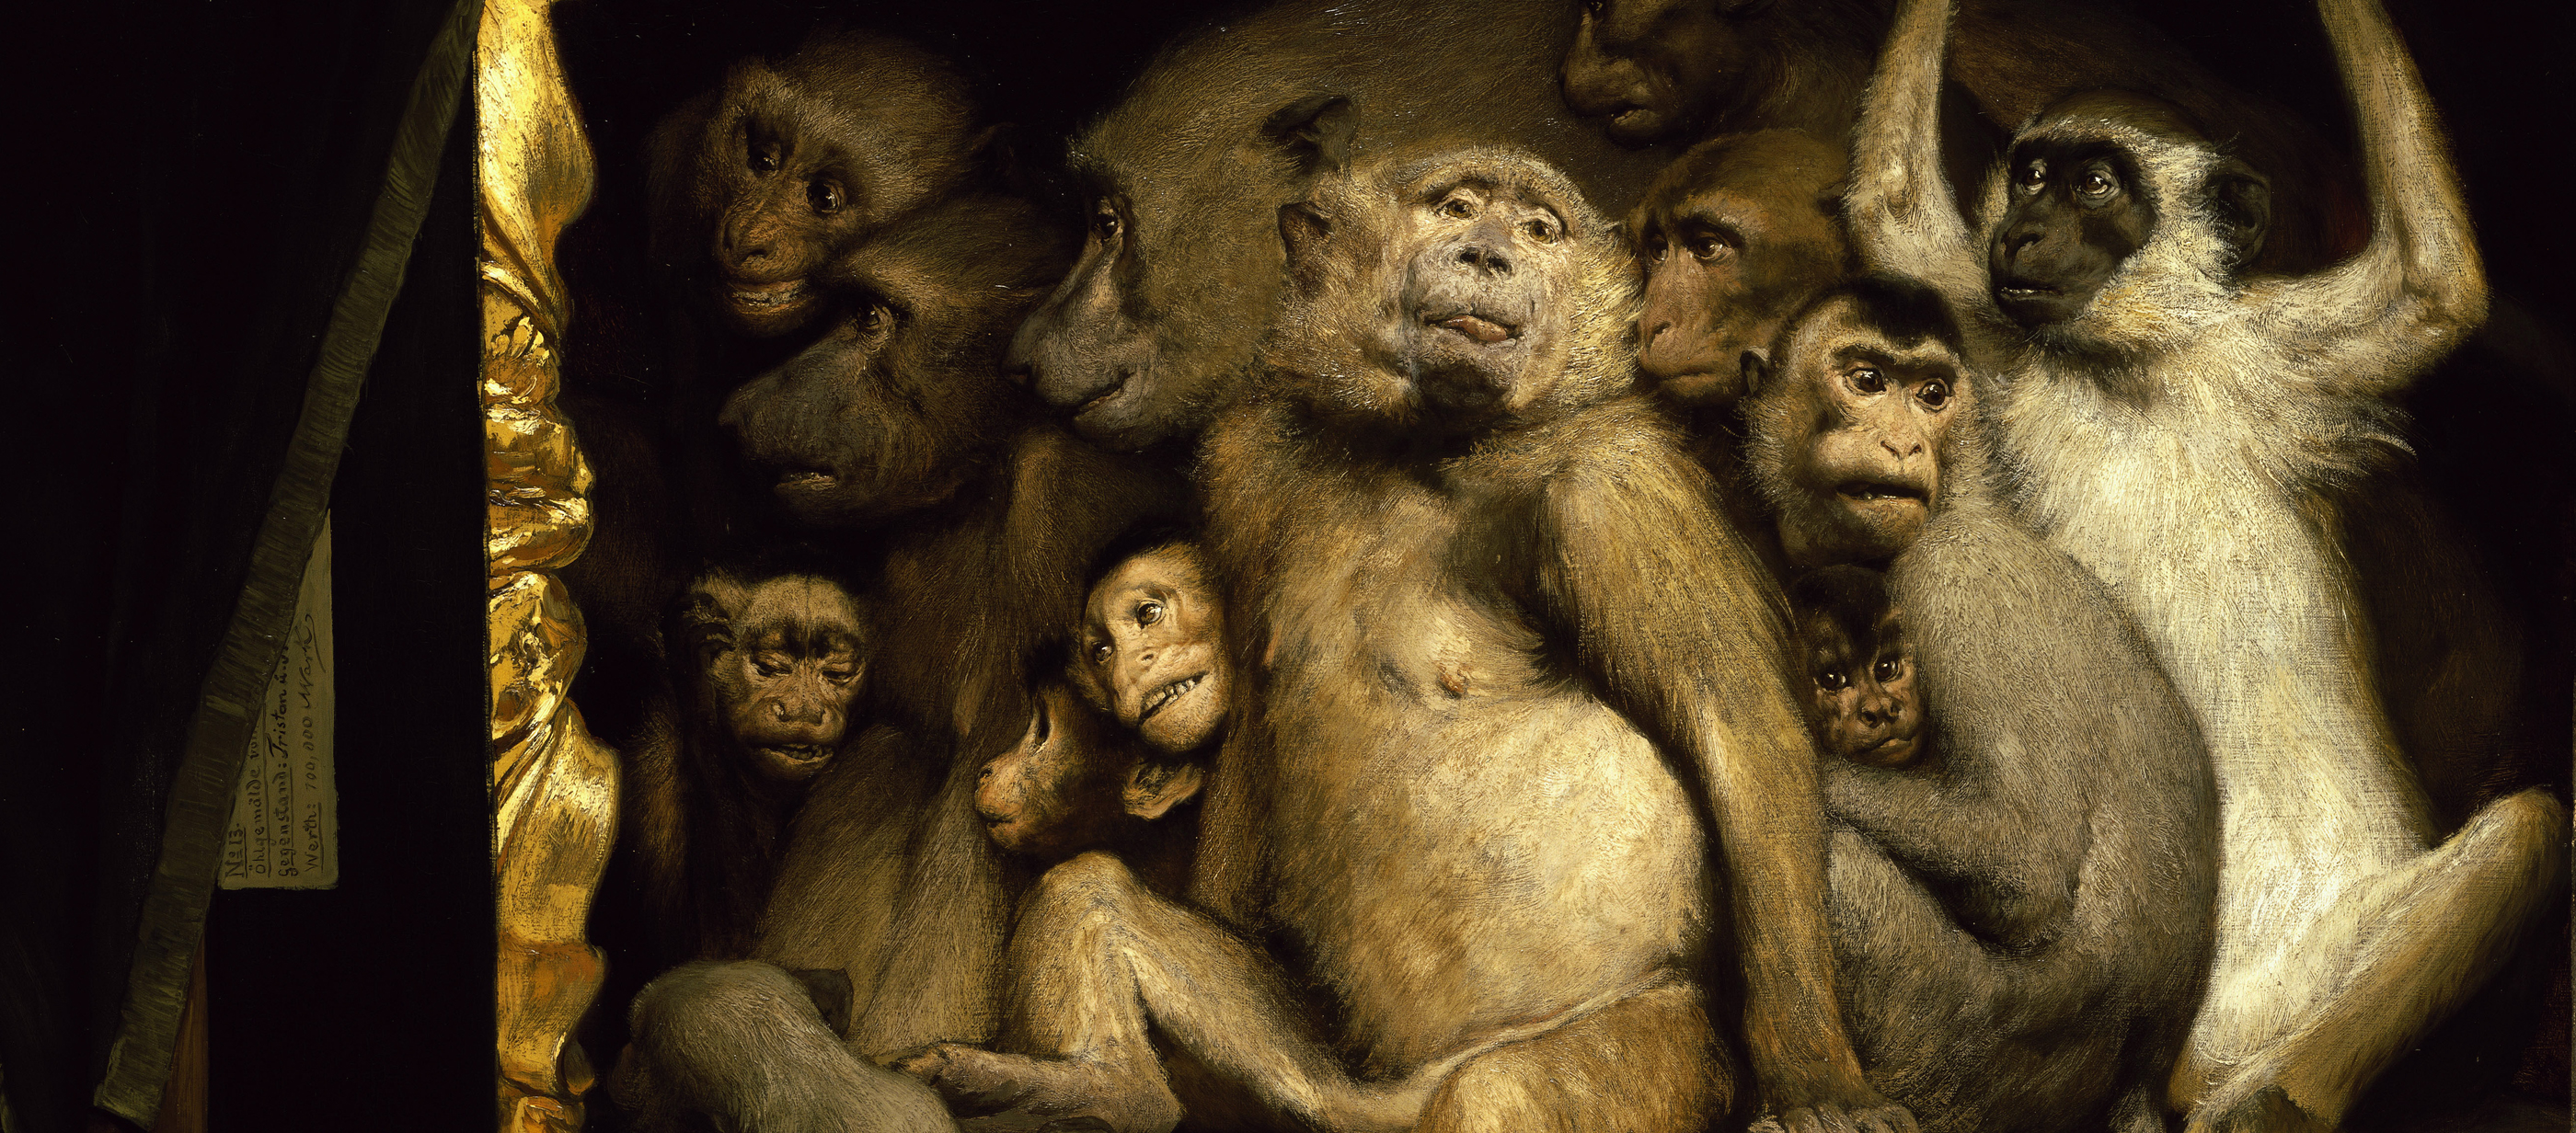 Monkeys as Judges of Art, by Gabriel Cornelius von Max